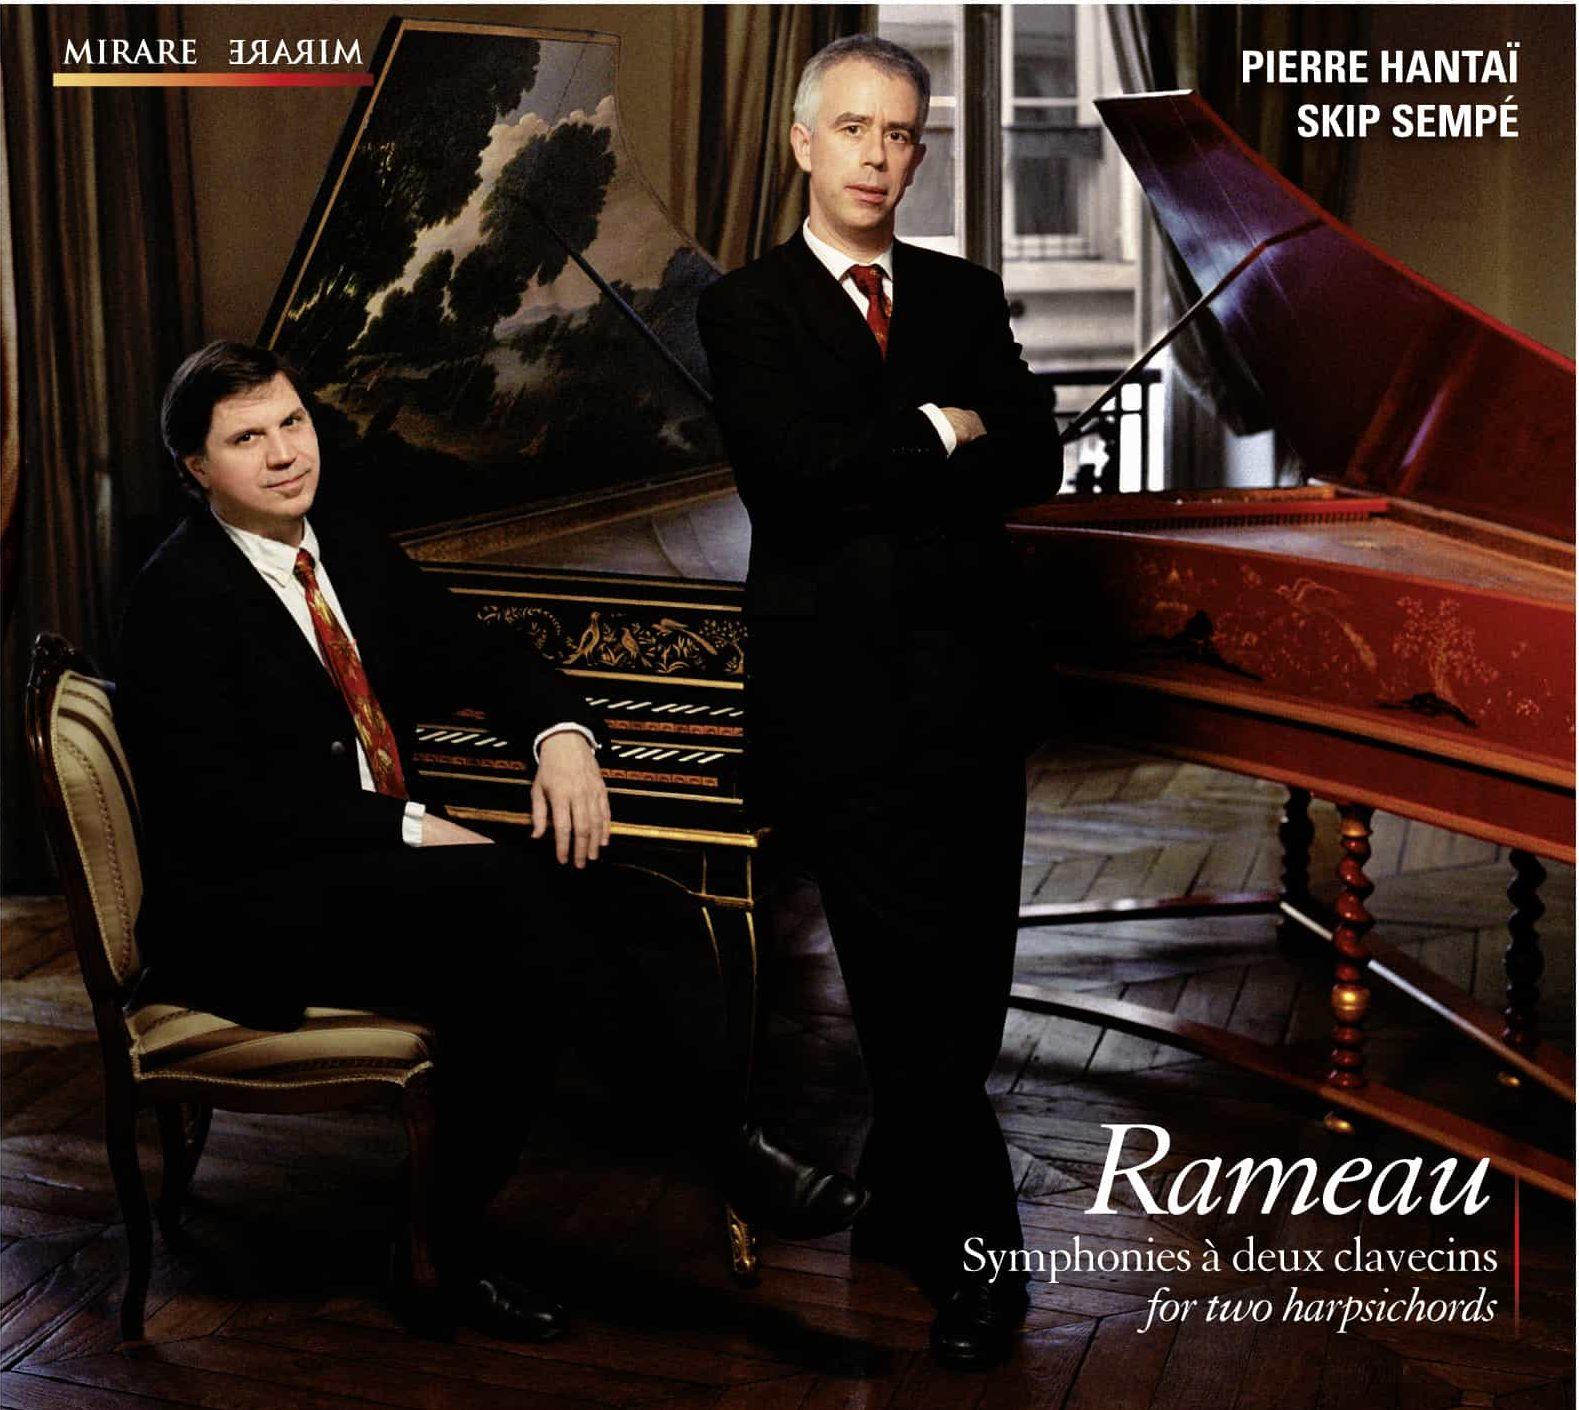 Rameau, Symphonies pour 2 clavecins